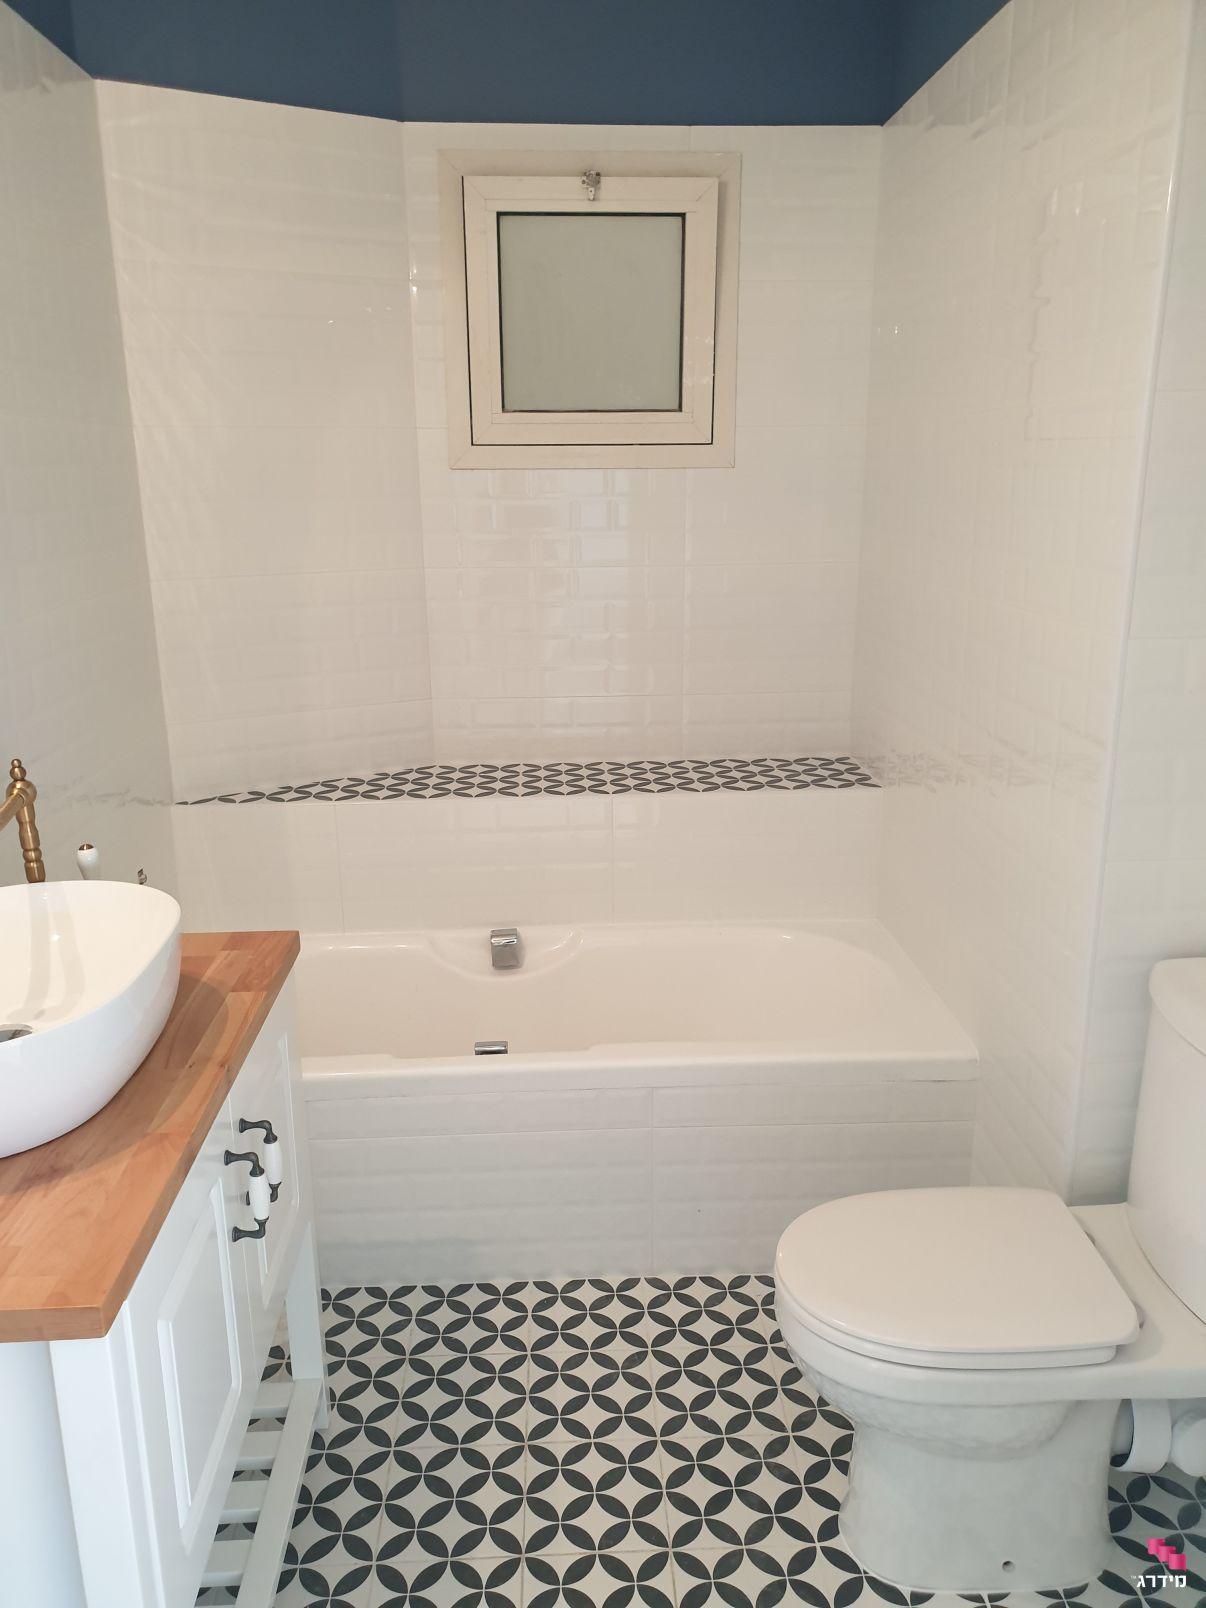 עלות שיפוץ דירת 70 מטר | אמבטיה משופצת